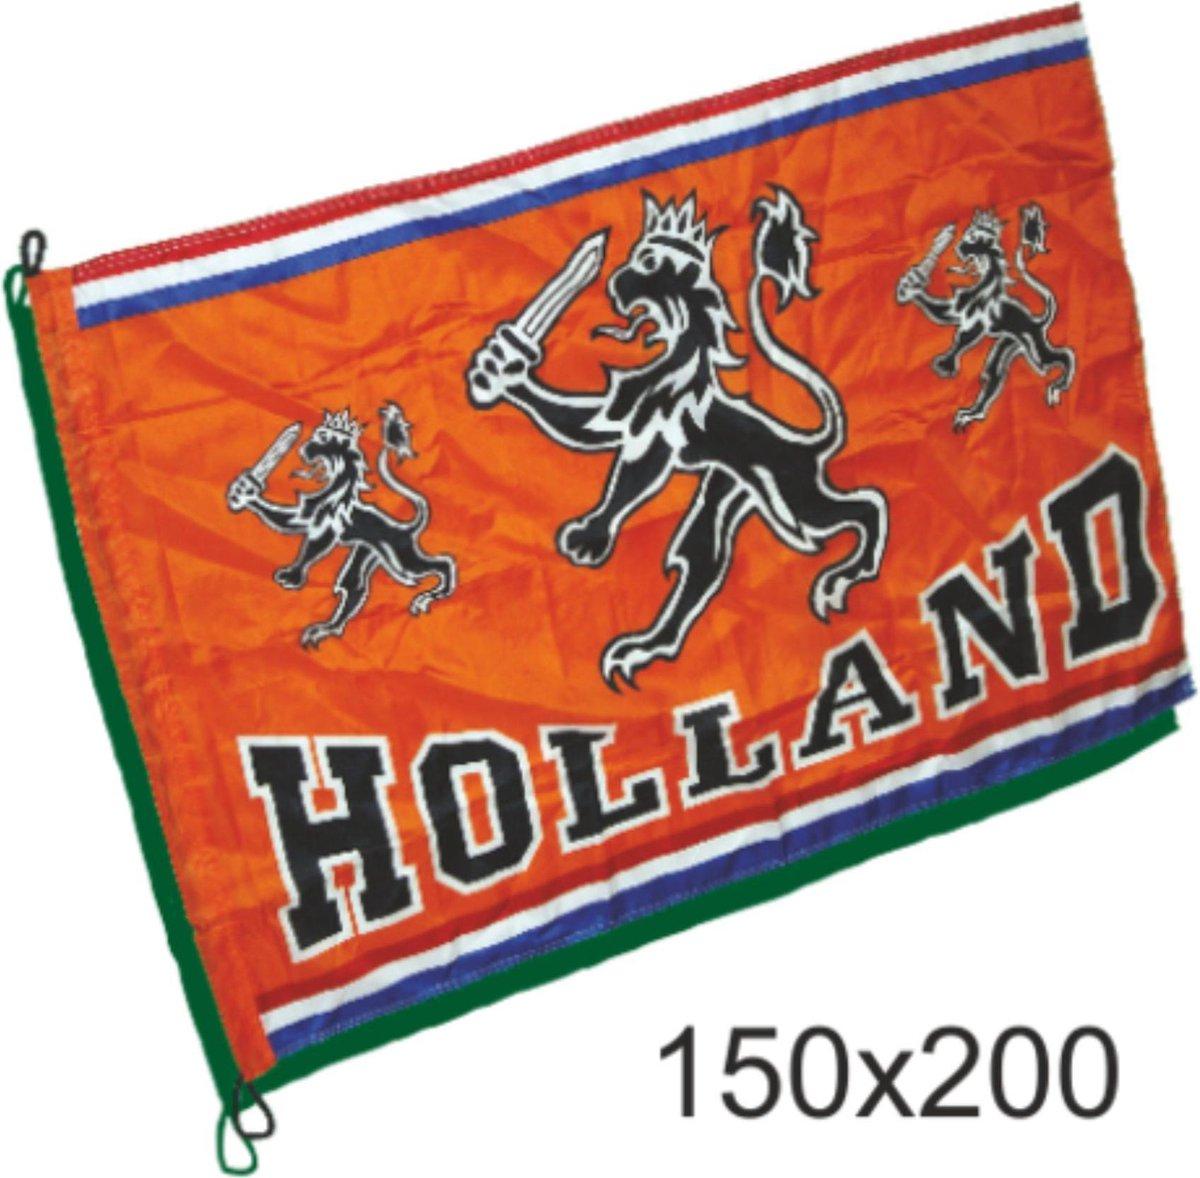 Grote vlag oranje Holland met leeuw   EK Voetbal 2020 2021   Nederlands elftal vlag   Nederland supp